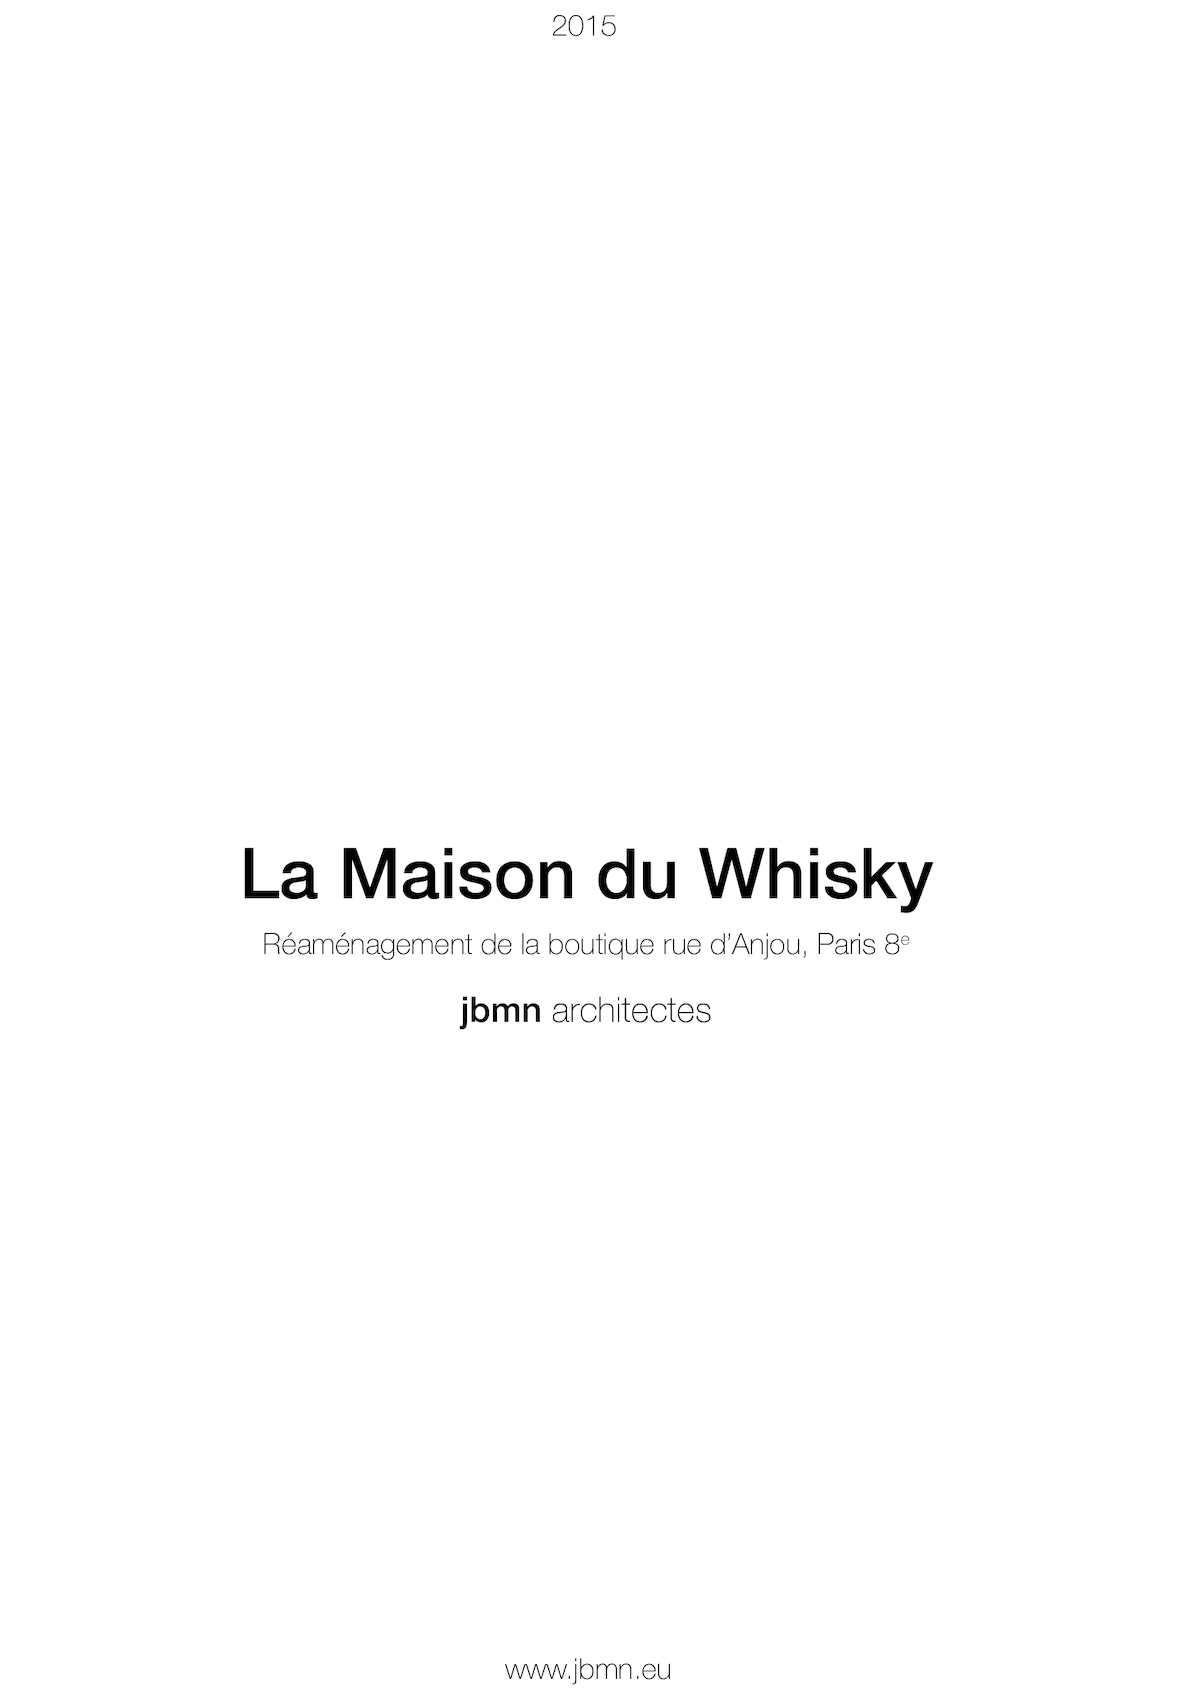 La Maison du Whisky Anjou